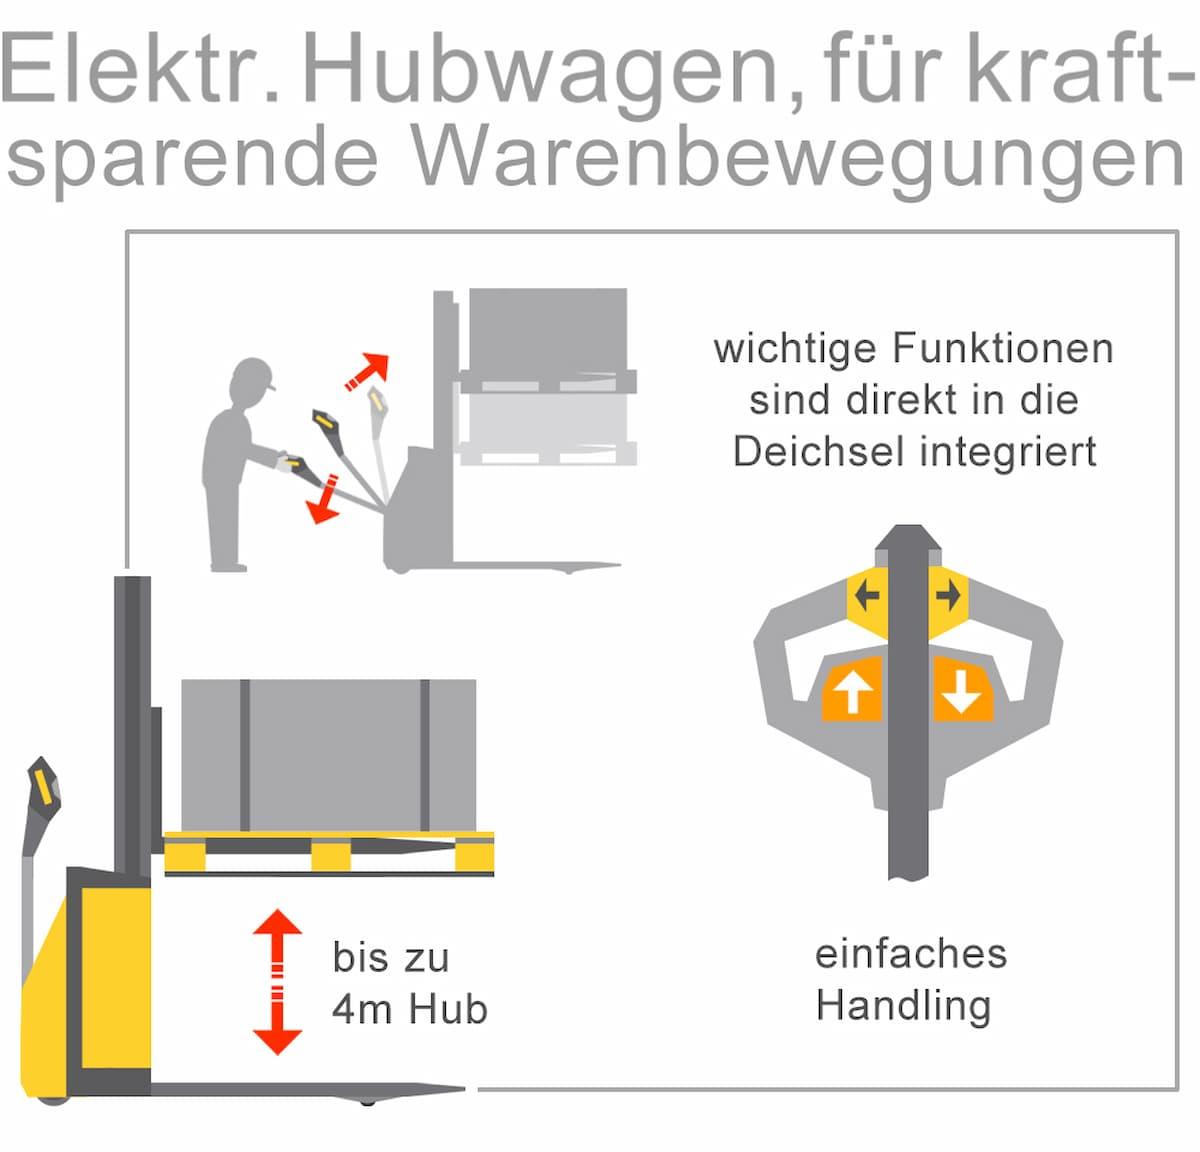 Elektrische Hubwagen für kraftsparende Warenbewegung